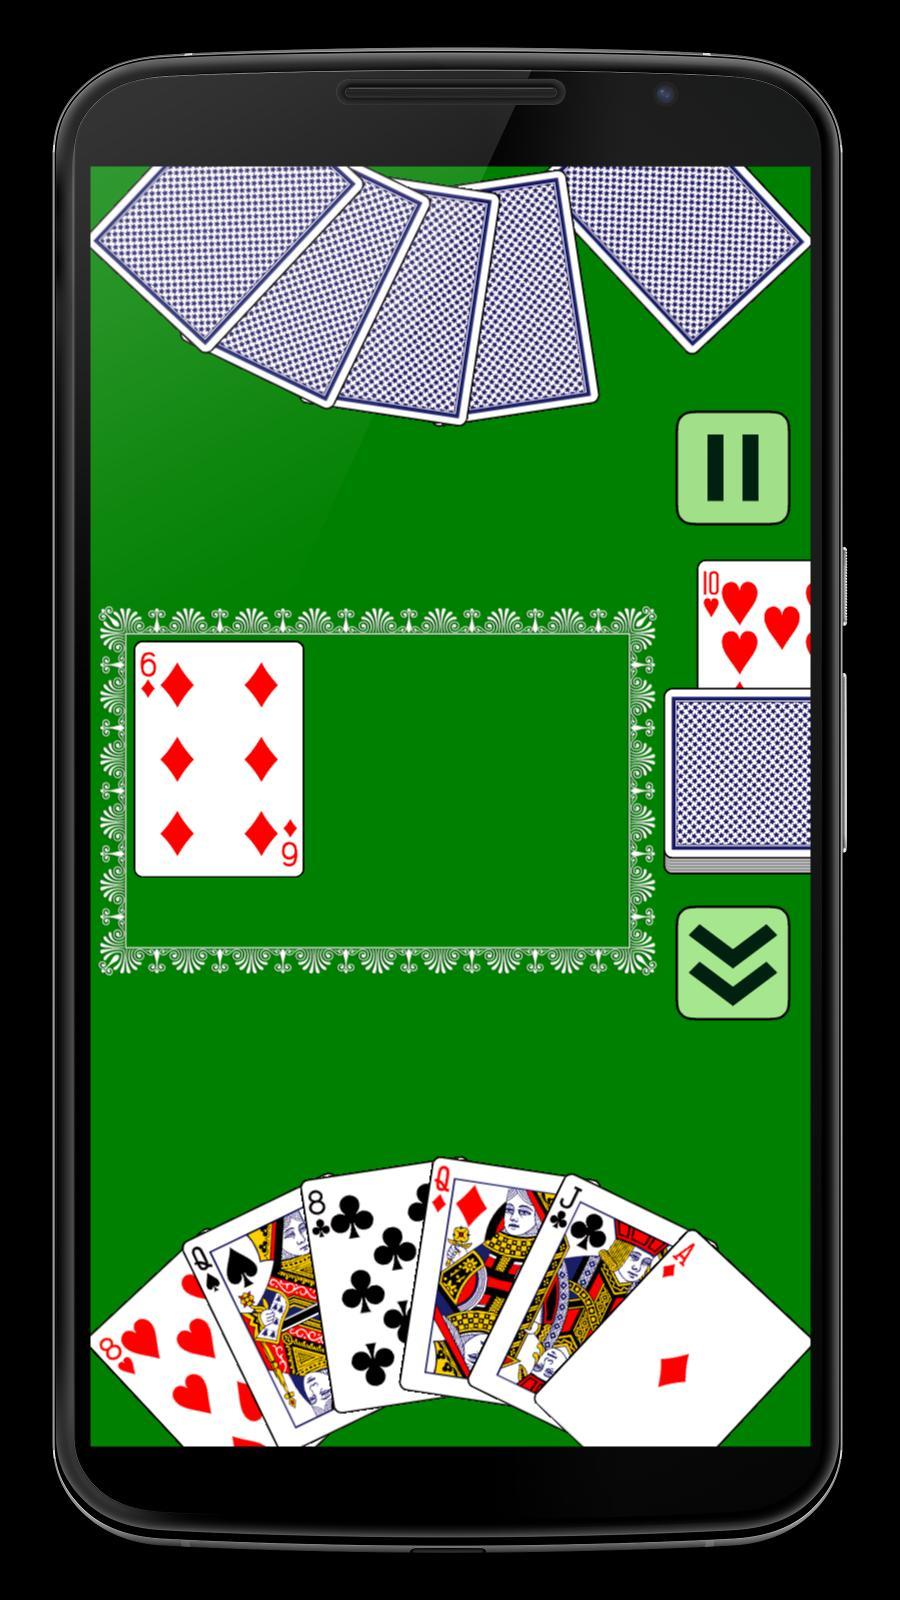 старые карточные игры скачать